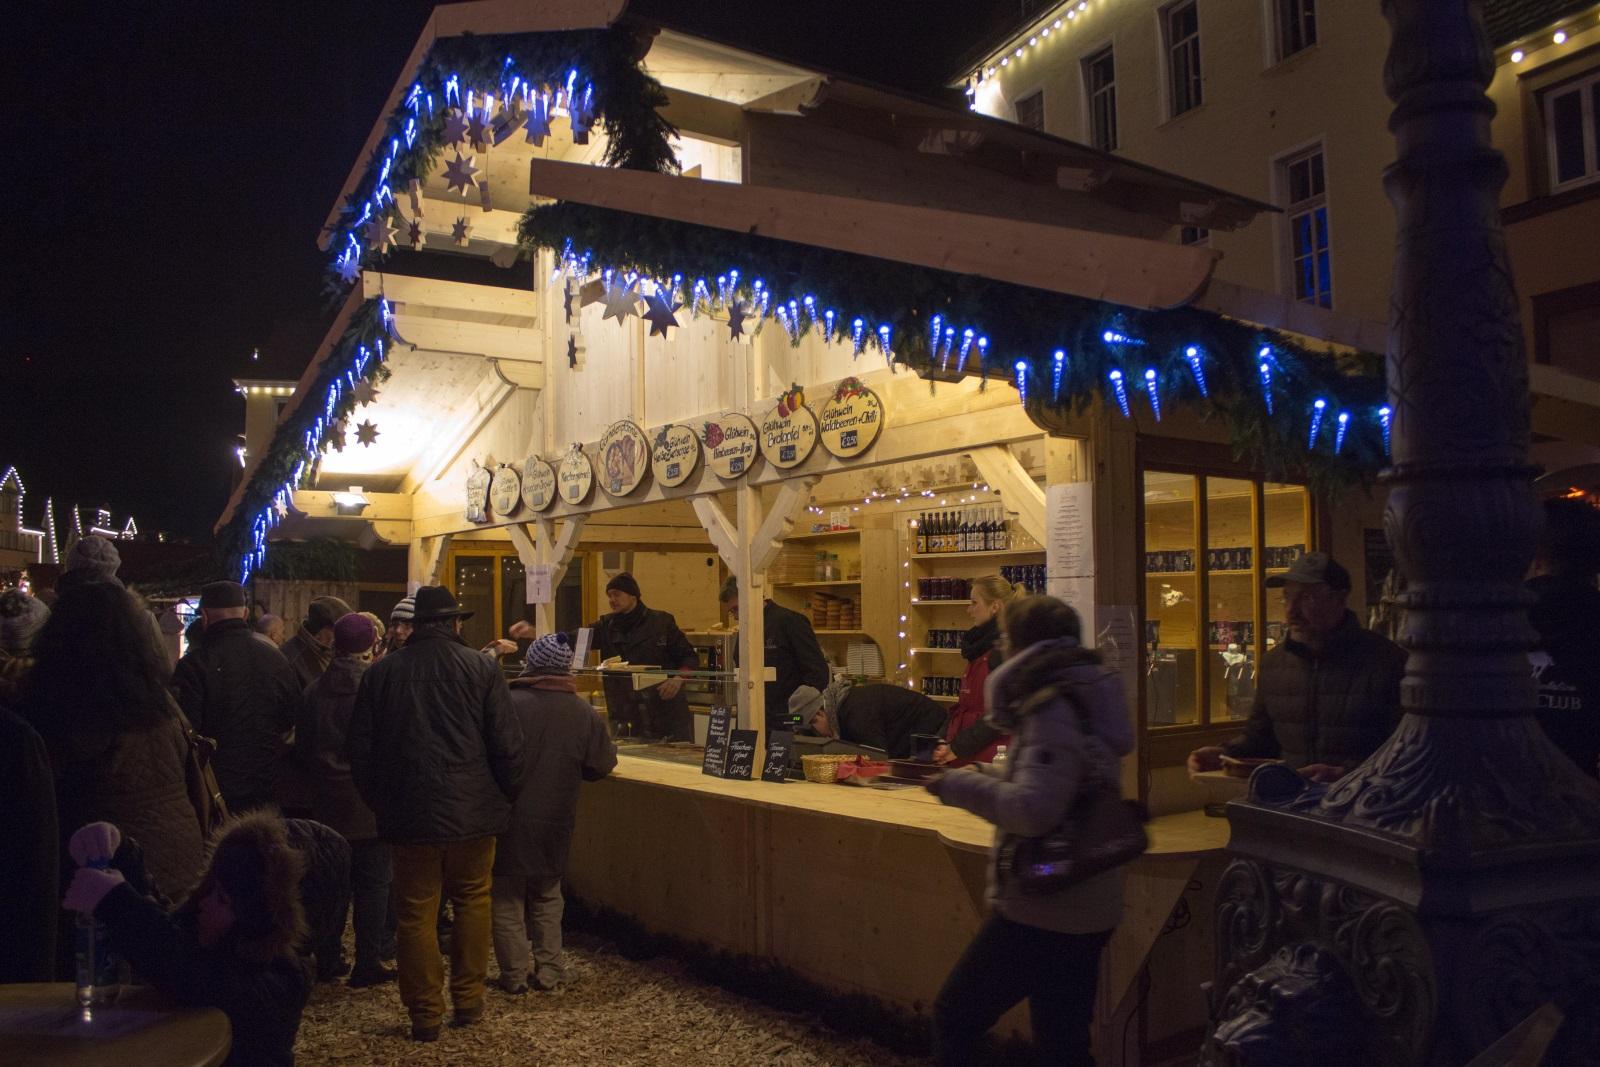 Schwäbisch Gmünd Weihnachtsmarkt.Weihnachtsmarkt Schwäbisch Gmünd 2014 Bildergalerie